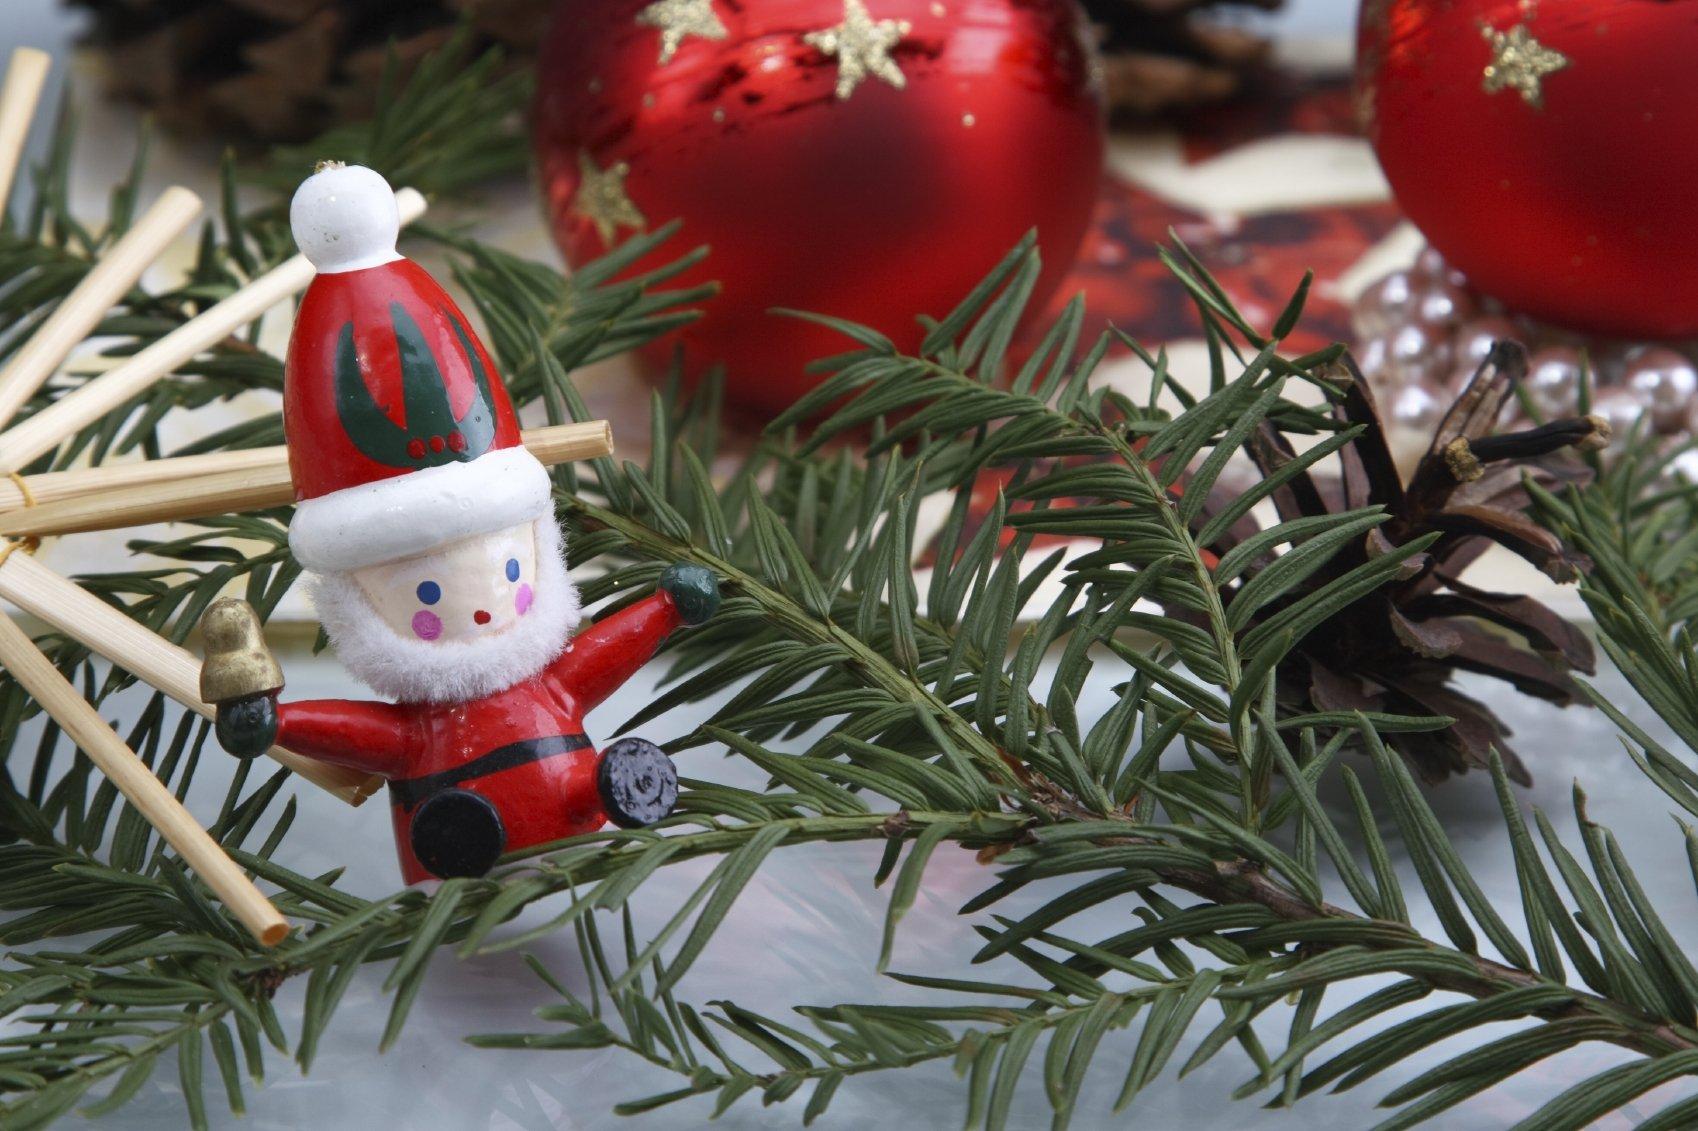 Wir Wünschen Euch Frohe Weihnachten Und Einen Guten Rutsch.Frohe Weihnachten Und Ein Gutes Neues Jahr